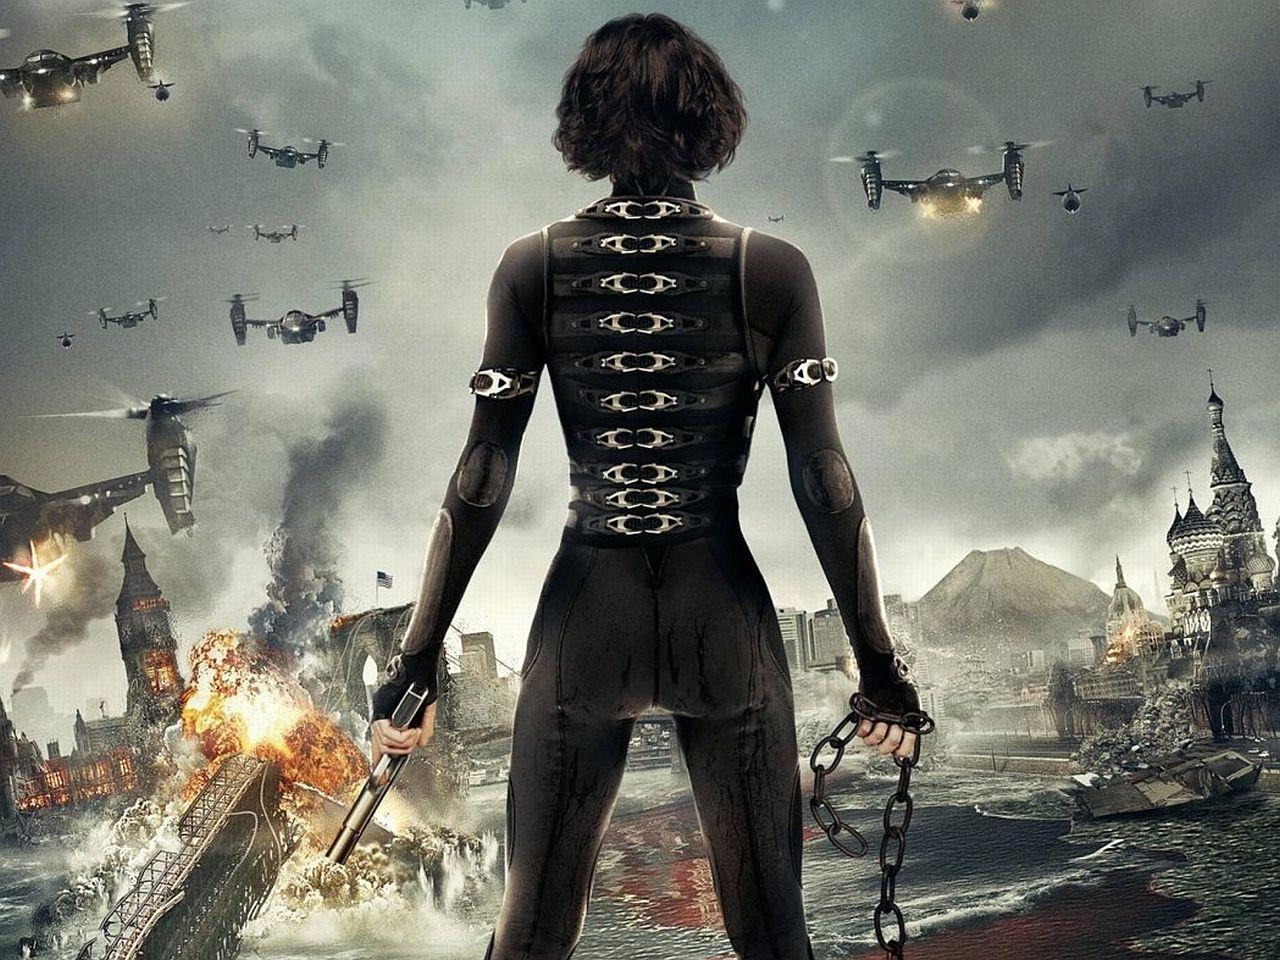 Resident Evil Wallpaper 1080p Cza Resident Evil Resident Evil